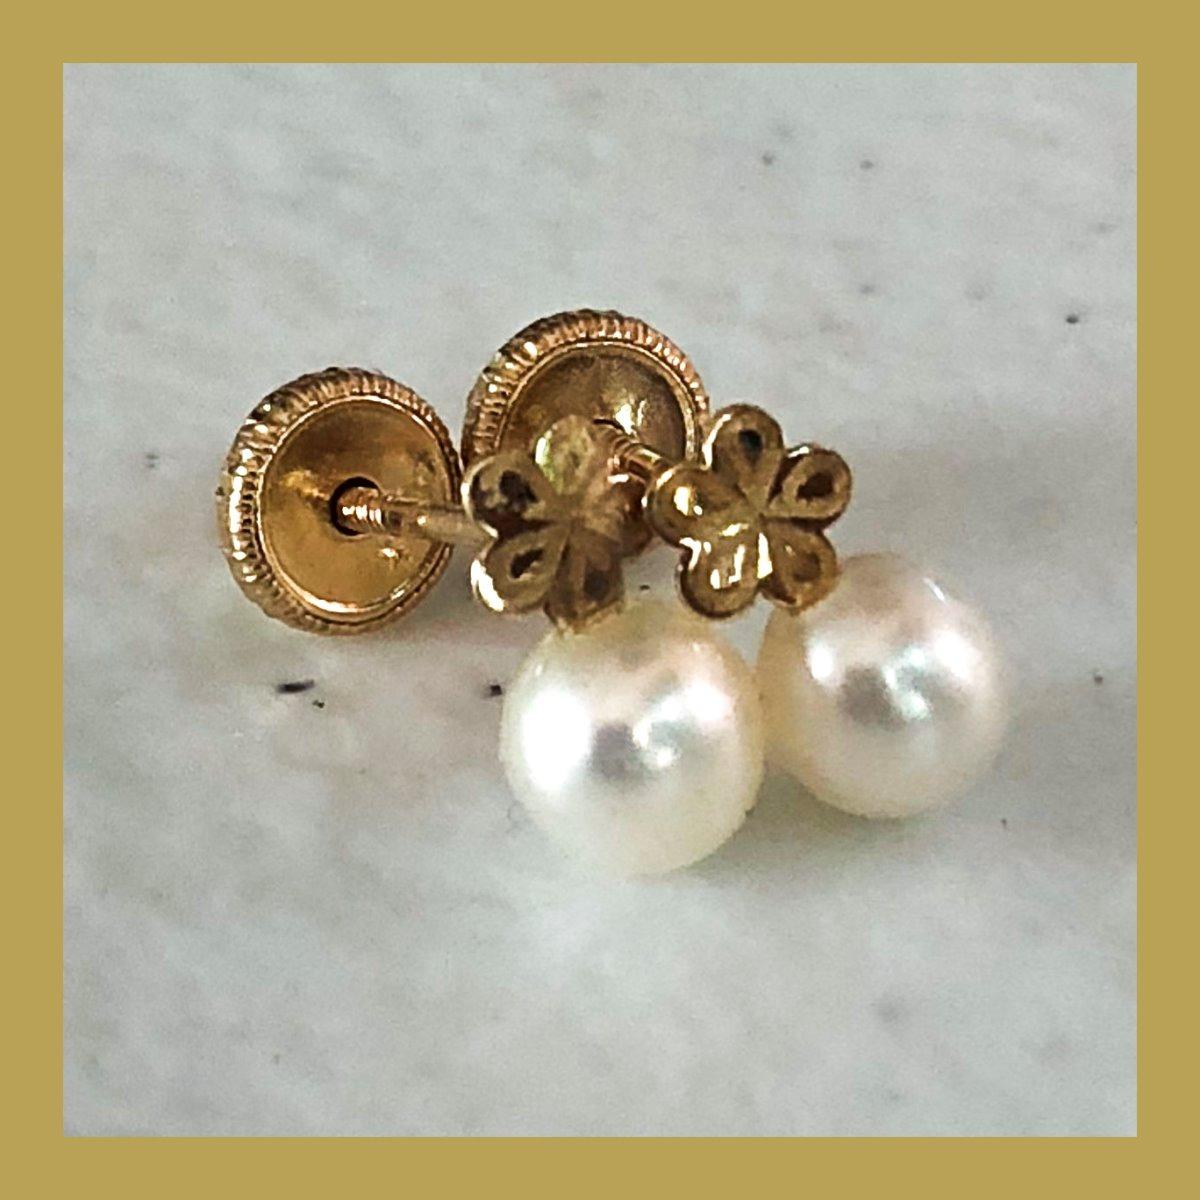 3251d1e12174 Broqueles Flor Con Perla Natural 100% Oro 14k Arete Adanro ...